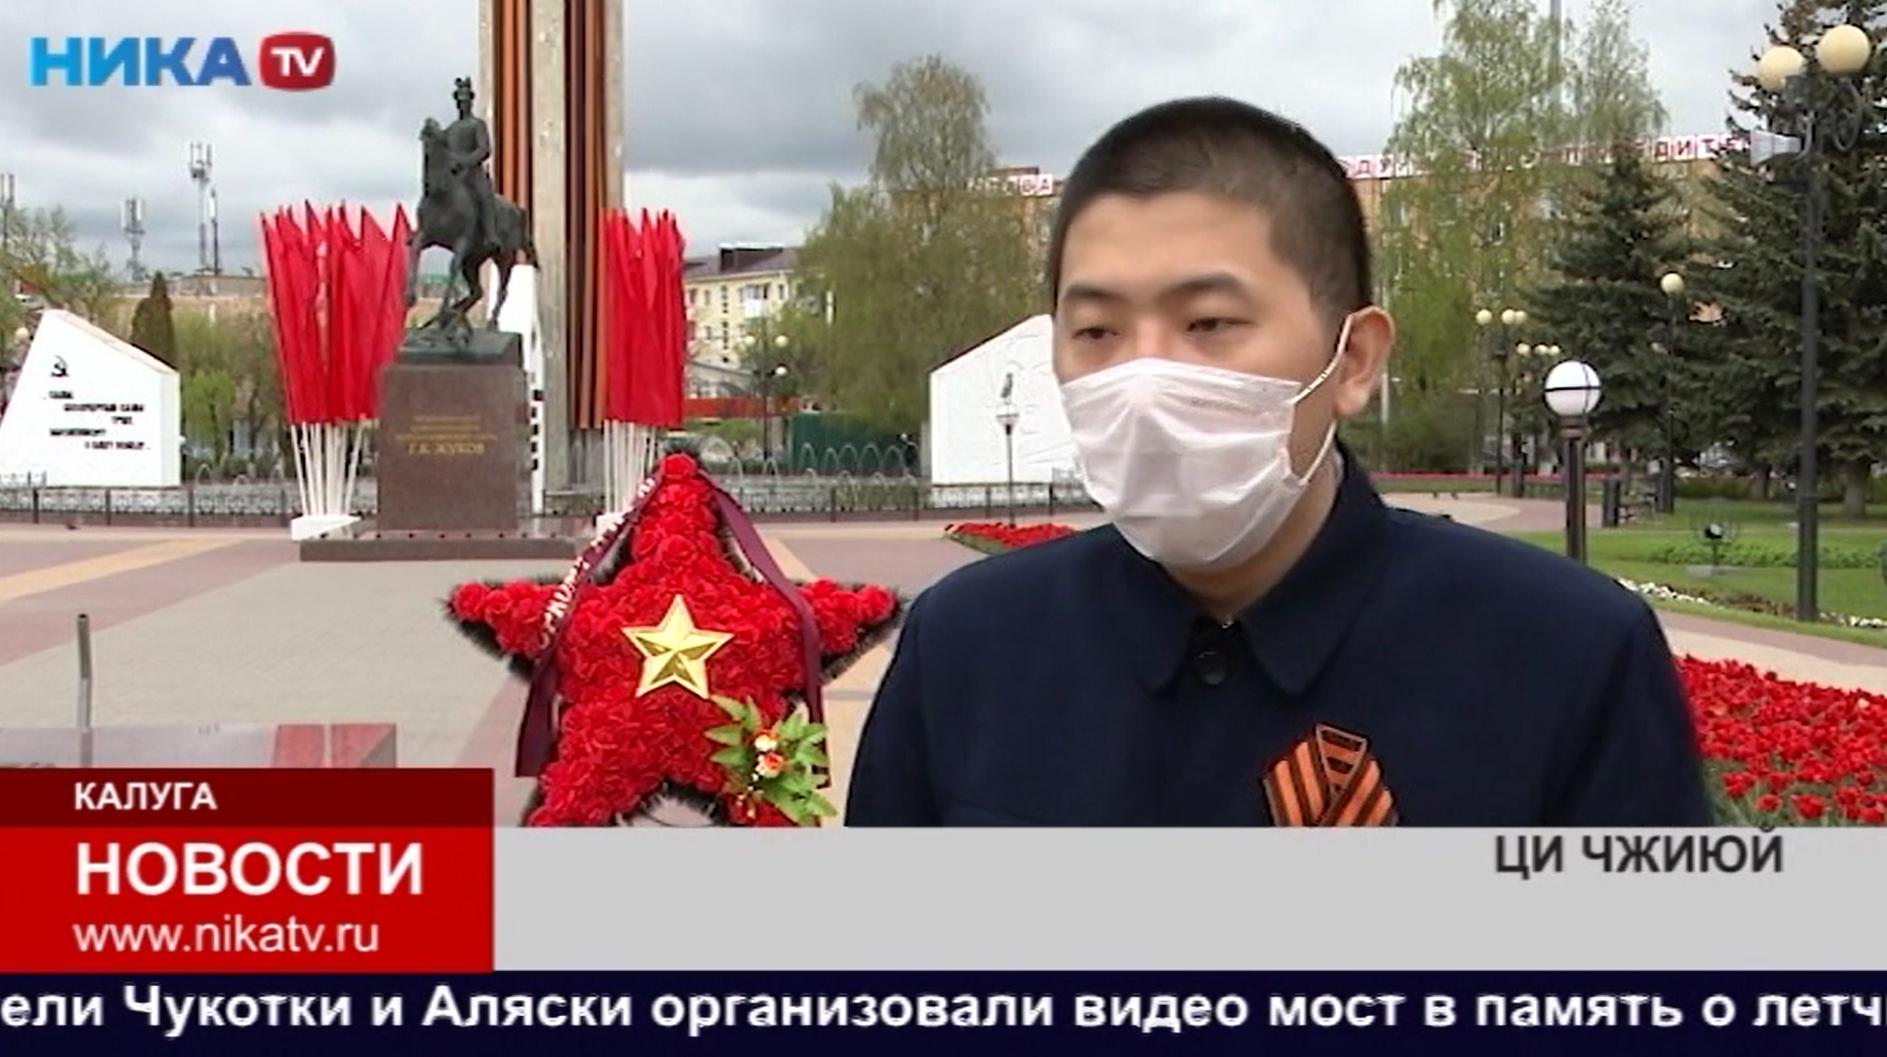 在俄罗斯接受胜利日采访的精神小伙来唠唠嗑